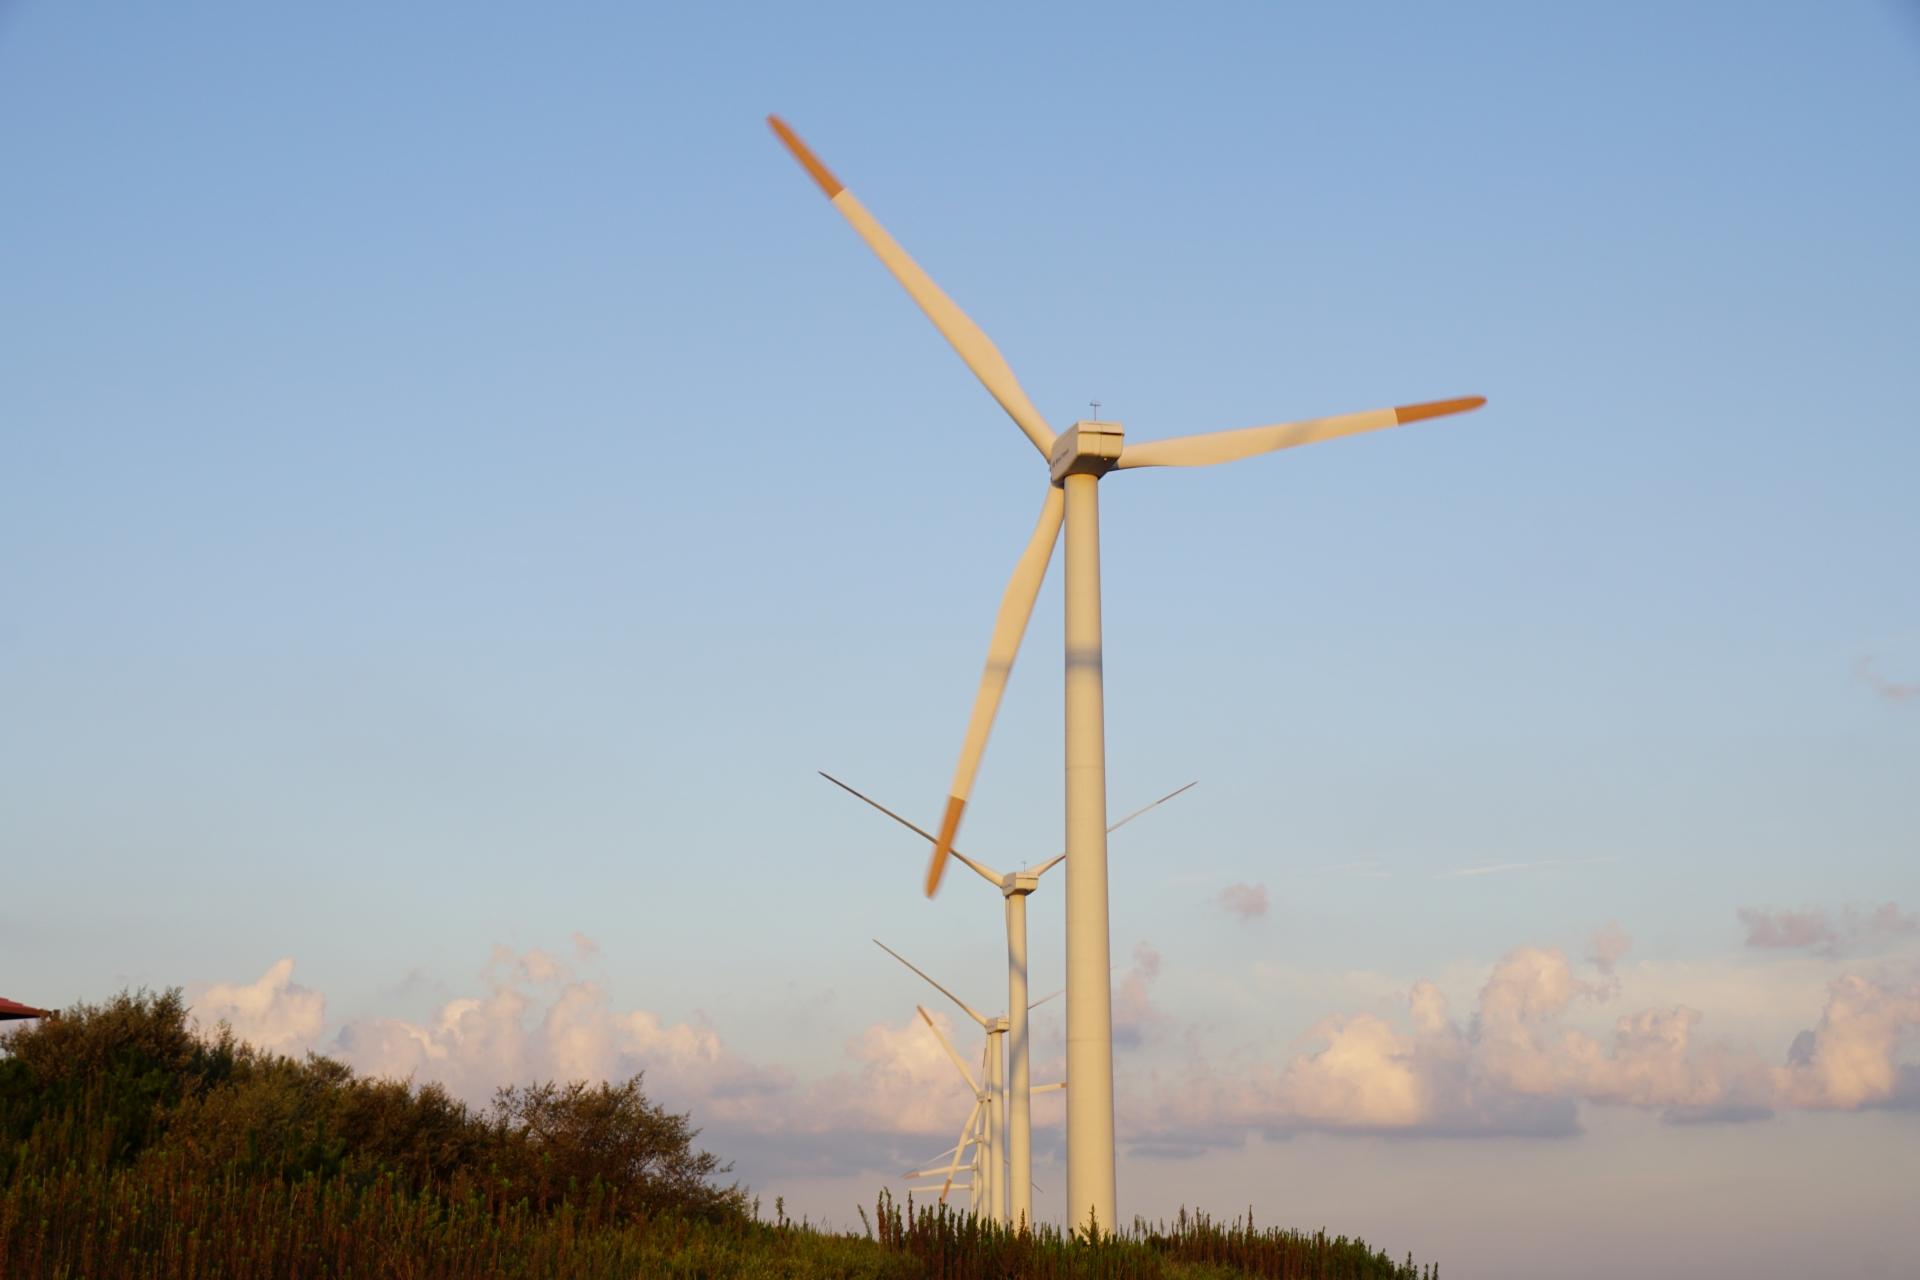 響灘風力発電所の風車